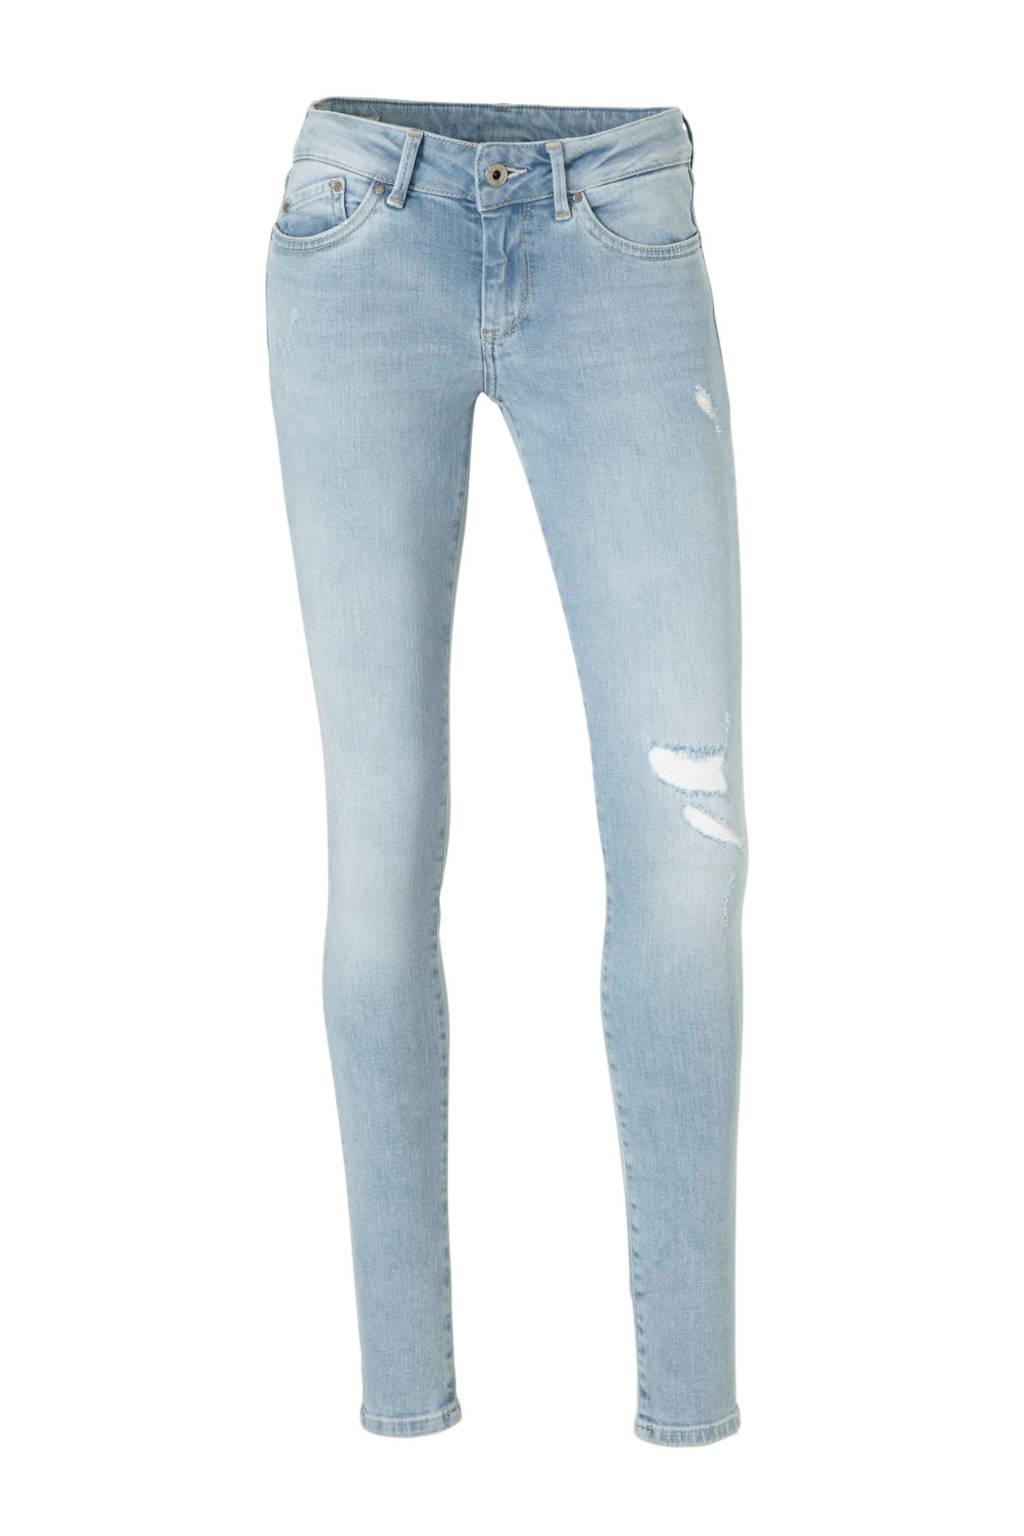 Pepe Jeans low waist skinny jeans, Lichtblauww